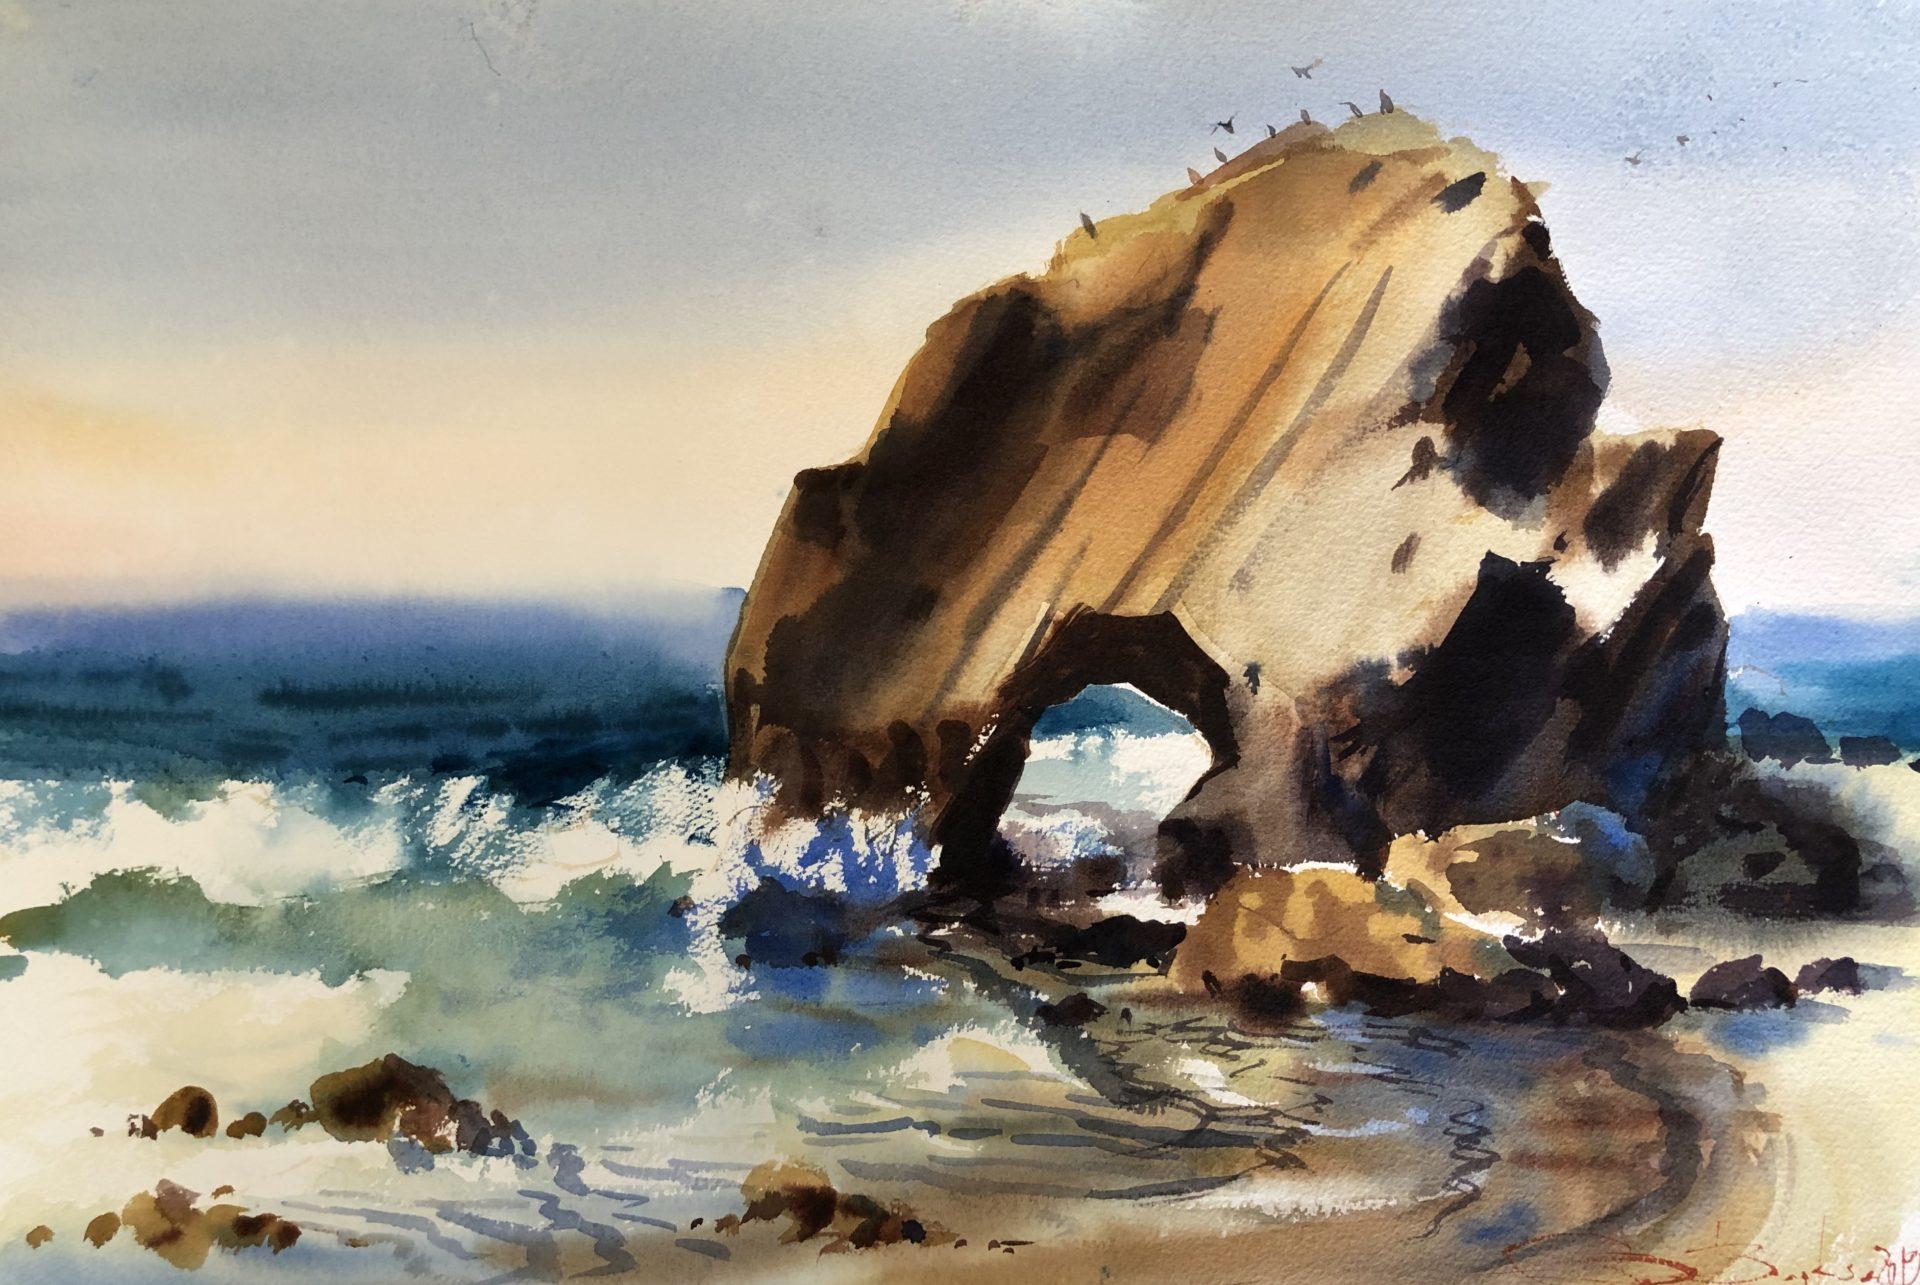 Sunday in Santa Cruz, Watercolour,56x38cm, Neděle v Santa Cruz